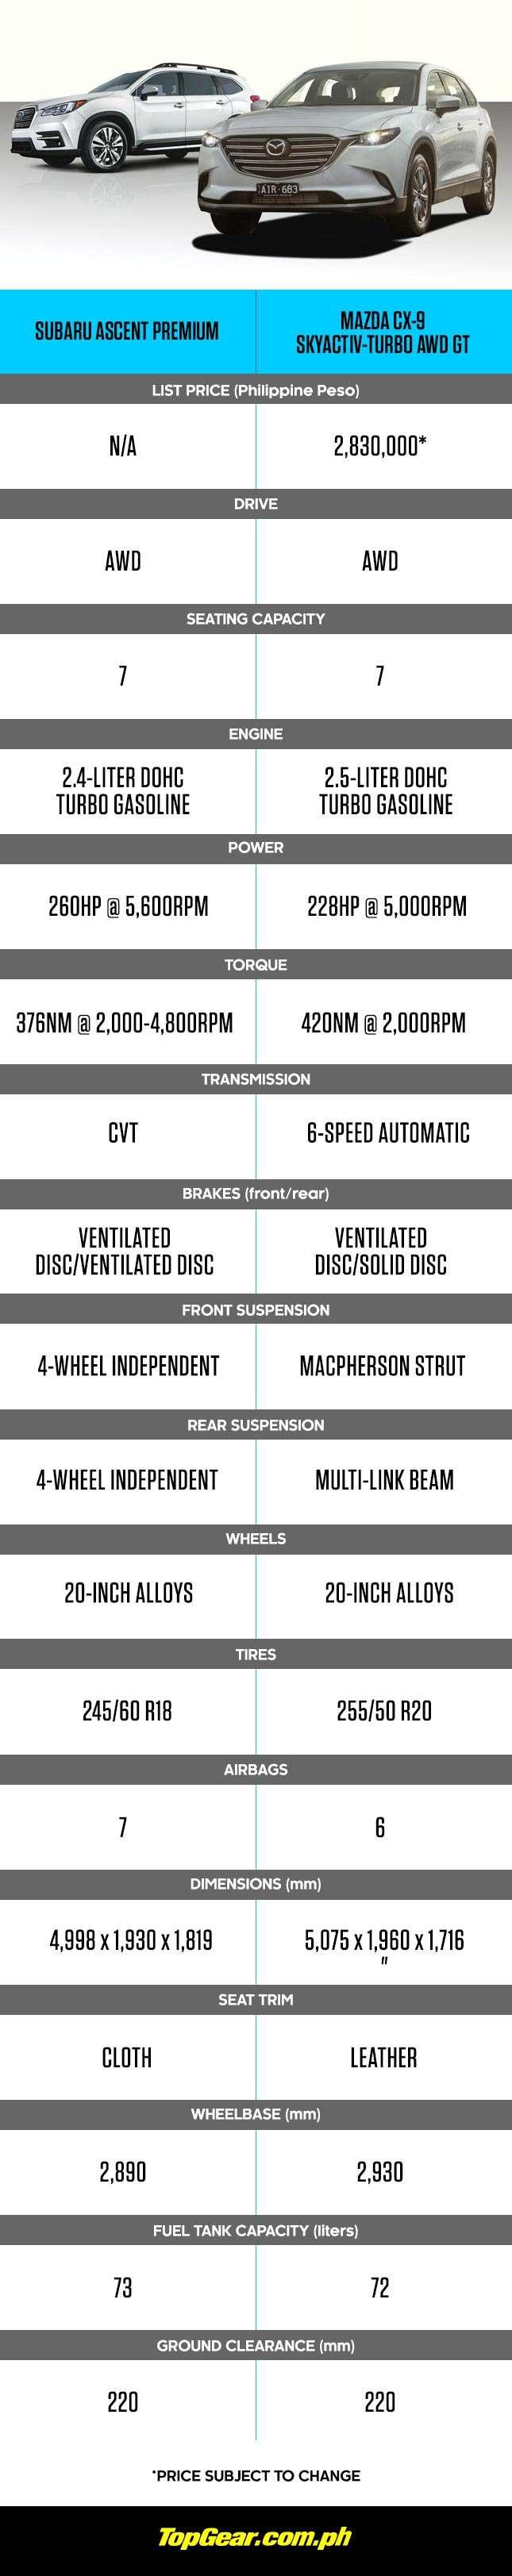 Subaru Ascent vs. Mazda CX-9